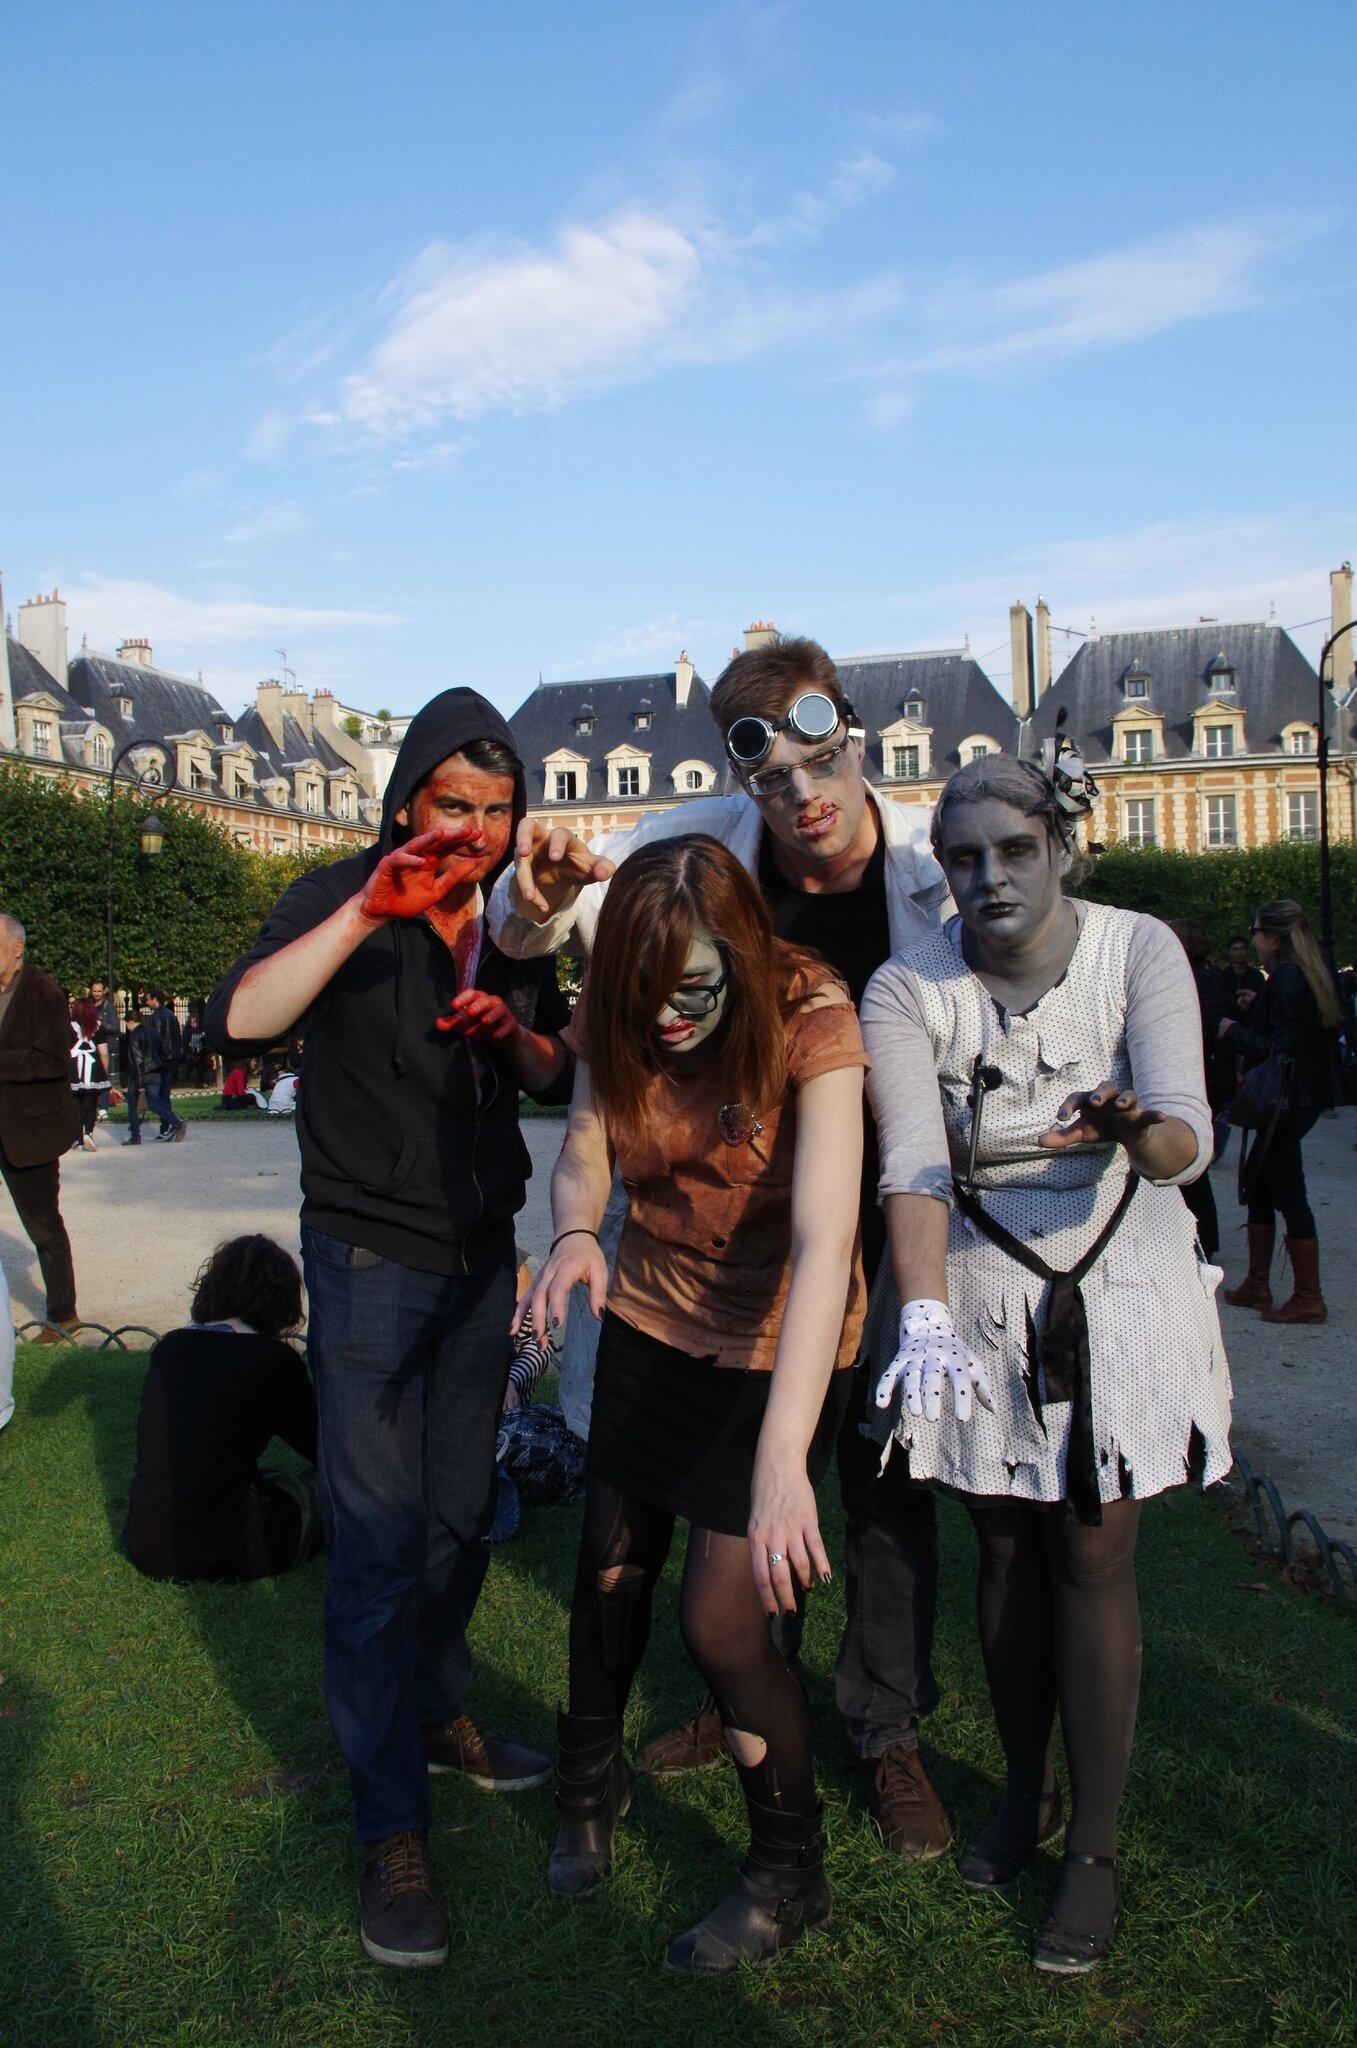 Des zombies dans Paris, édition 2015